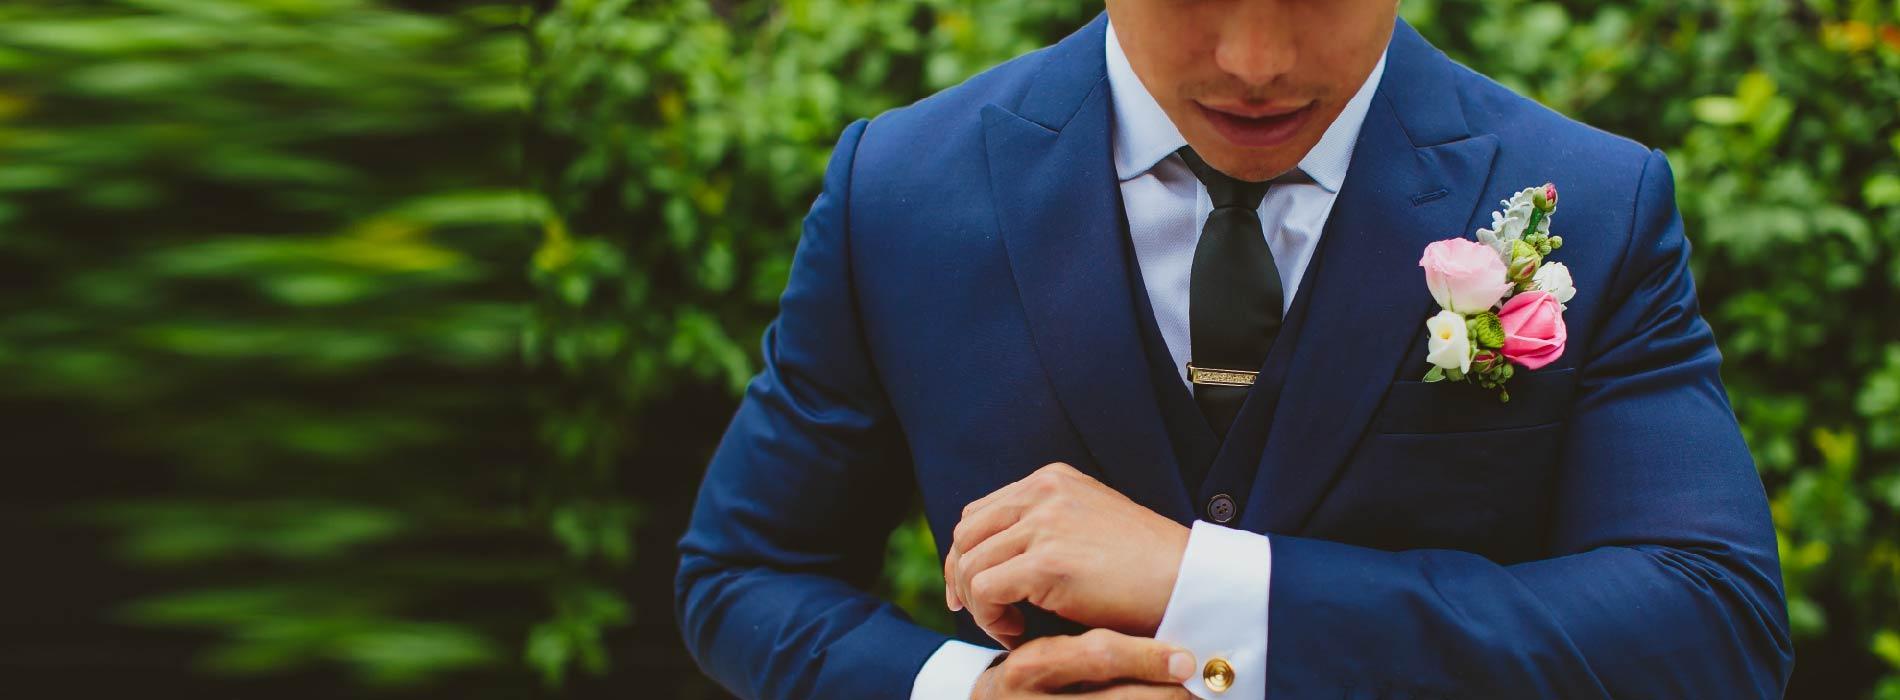 Formal Suits | Suit Shop & Tailor Sydney | Joe Button